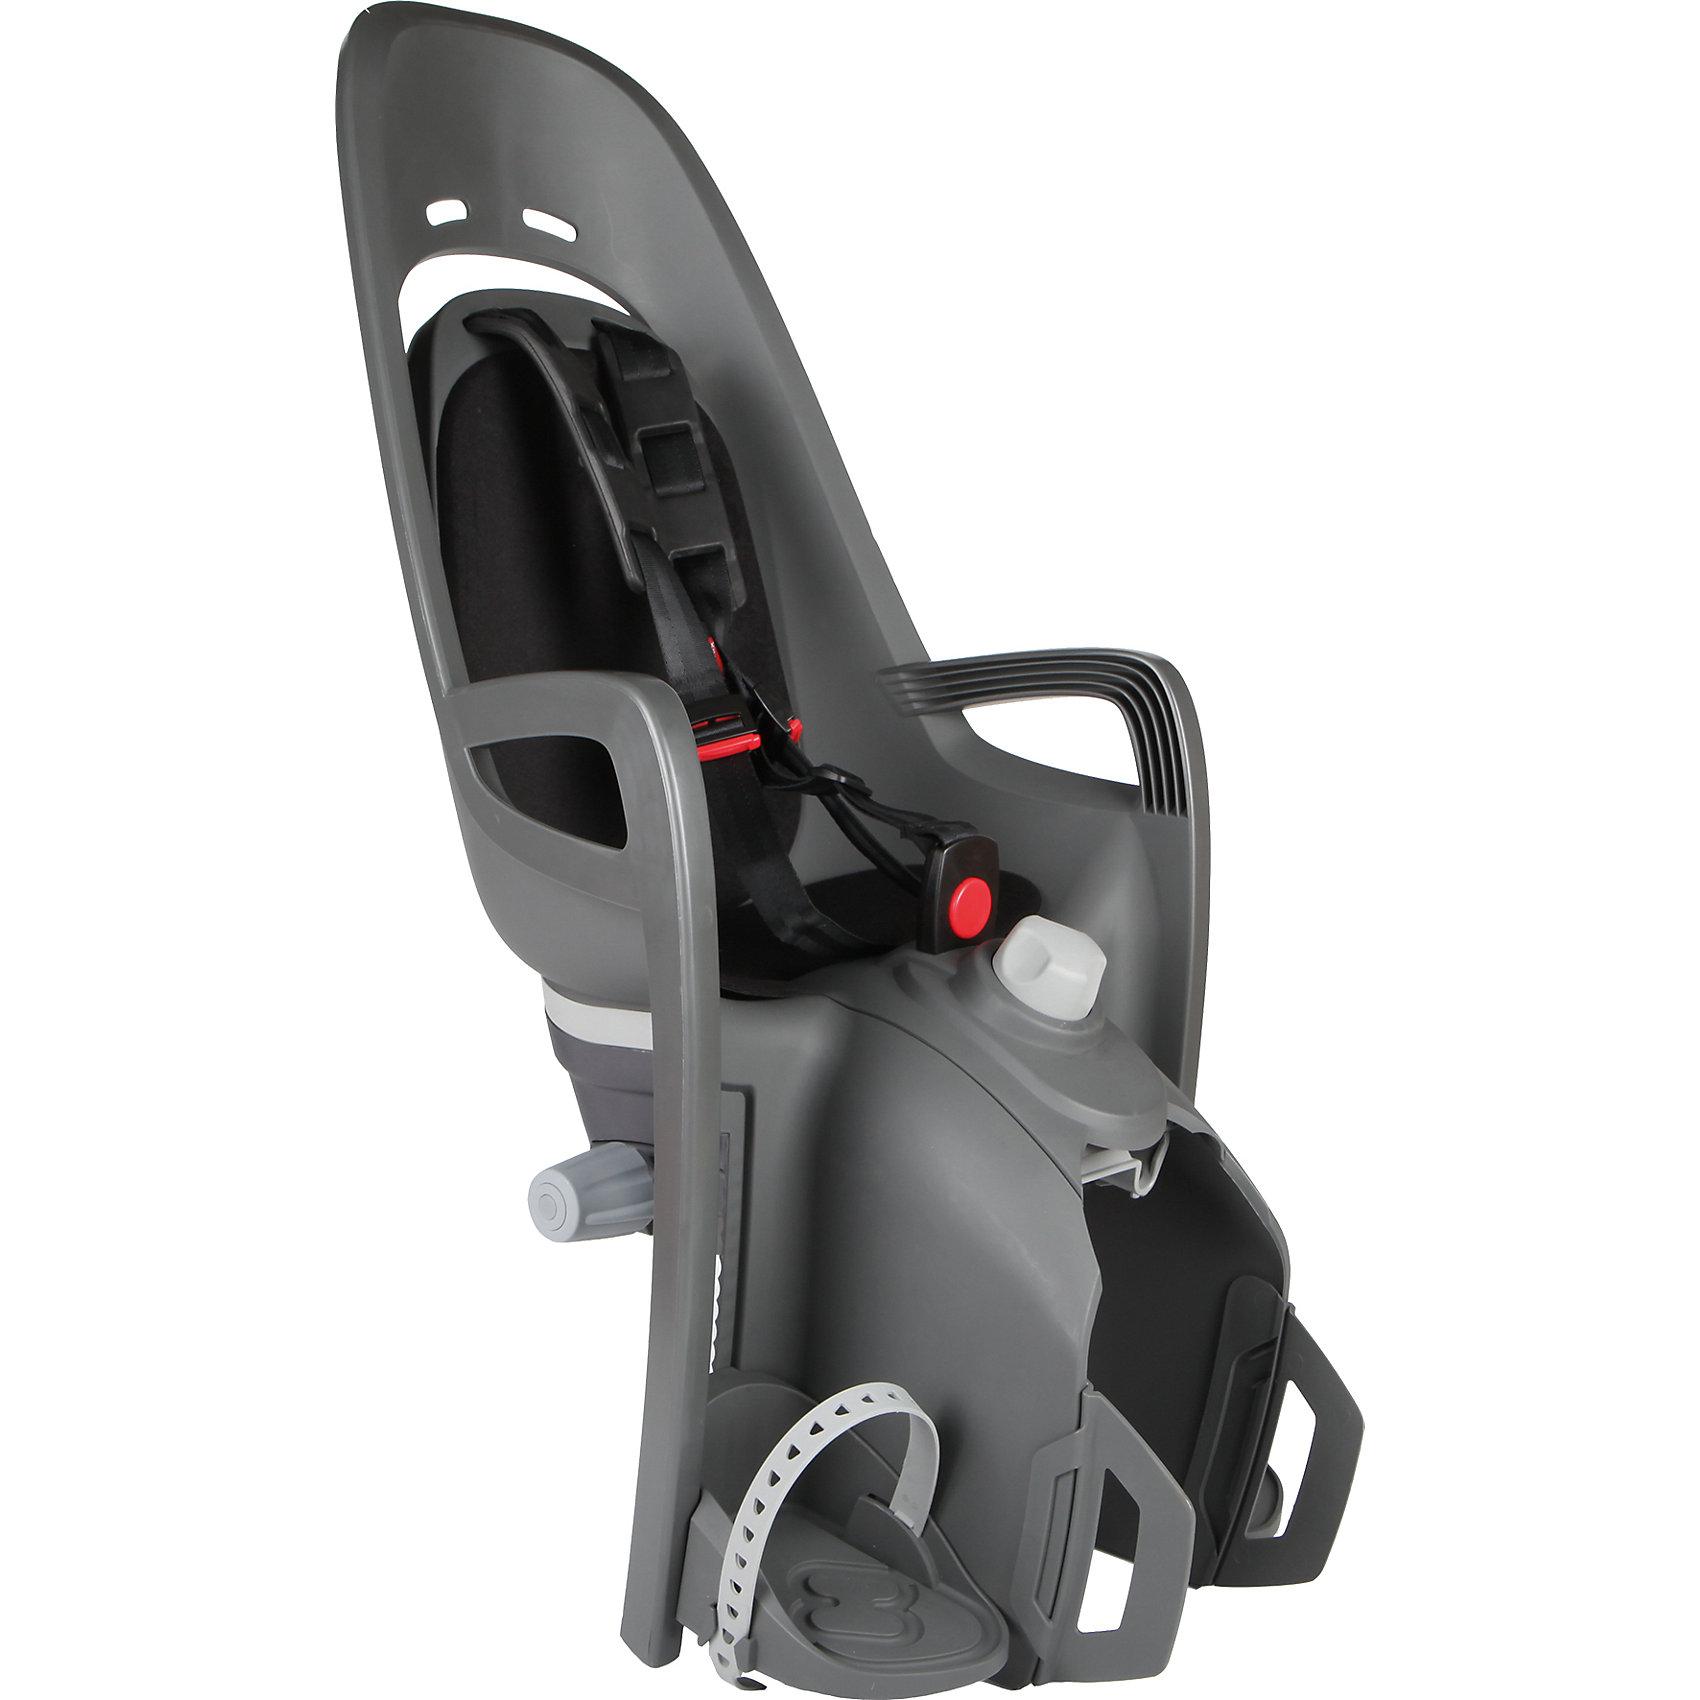 Детское велокресло 2017 Zenith Relax  W/ Carrier Adapter, Hamax, серый-черныйАксеcсуары для велосипедов<br>Характеристики товара:<br><br>• цвет: серый, черный<br>• для детей от 9 месяцев и весом до 22 кг<br>• наличие регулировки угла наклона велокресла в 12,5 градусов <br>• проработанная эргономика кресла для максимально комфортной посадки<br>• 3-точечные ремни безопасности с дополнительным кронштейном для фиксации в районе груди<br>• специальная конструкция пряжек ремней безопасности/фиксации для предотвращения саморастегвания ребенка<br>• полностью соответствующее всем Европейским стандартам безопасности<br>• возможность установить на любом велосипеде как с багажником, так и без<br>• регулируемый ремень безопасности и подножки<br>• регулировка подножек одной рукой<br>• мягкие плечевые пряжки ремней<br>• несущие дуги крепления велокресла обеспечивает отличную амортизацию<br>• подходит для подседельных труб рамы велосипеда диаметром от 28 до 40 мм. (круглые и овальные)<br>• система крепления велокресла не мешает тросам переключения передач<br>• вес: 3740гр.<br>• размер: 37х80х34см<br><br>Отличительные особенности  HAMAX ZENITH RELAX от Hamax ZENITH это наличие регулировки угла наклона кресла в 12,5 градусов.<br><br>Дополнительные мягкие пряжки для фиксации ребенка в кресле обеспечивают надежную фиксацию ребенка в велокресле, позволяя при необходимости совершать резкие маневры и торможения. <br><br>Эргономика велокресла расчитанна так что спинка кресла не будет мешать голове ребенка в моменты когда он хочет откинуться назад кресла в шлеме.<br><br>Все детские велосиденья Hamax растут вместе с ребенком!  Регулируються и ремень безопасности и подножки.<br><br>Детское сиденье для велосипеда очень легко крепится и освобождается от велосипеда. Приобретая дополнительный кронштейн, вы можете легко переставлять детское сиденьес одного велосипеда на другой.<br><br>Материал изготовления: PP - полипропилен ( безопасный и гипоалергенный ) УФ стабильный - не боится солнечного возд